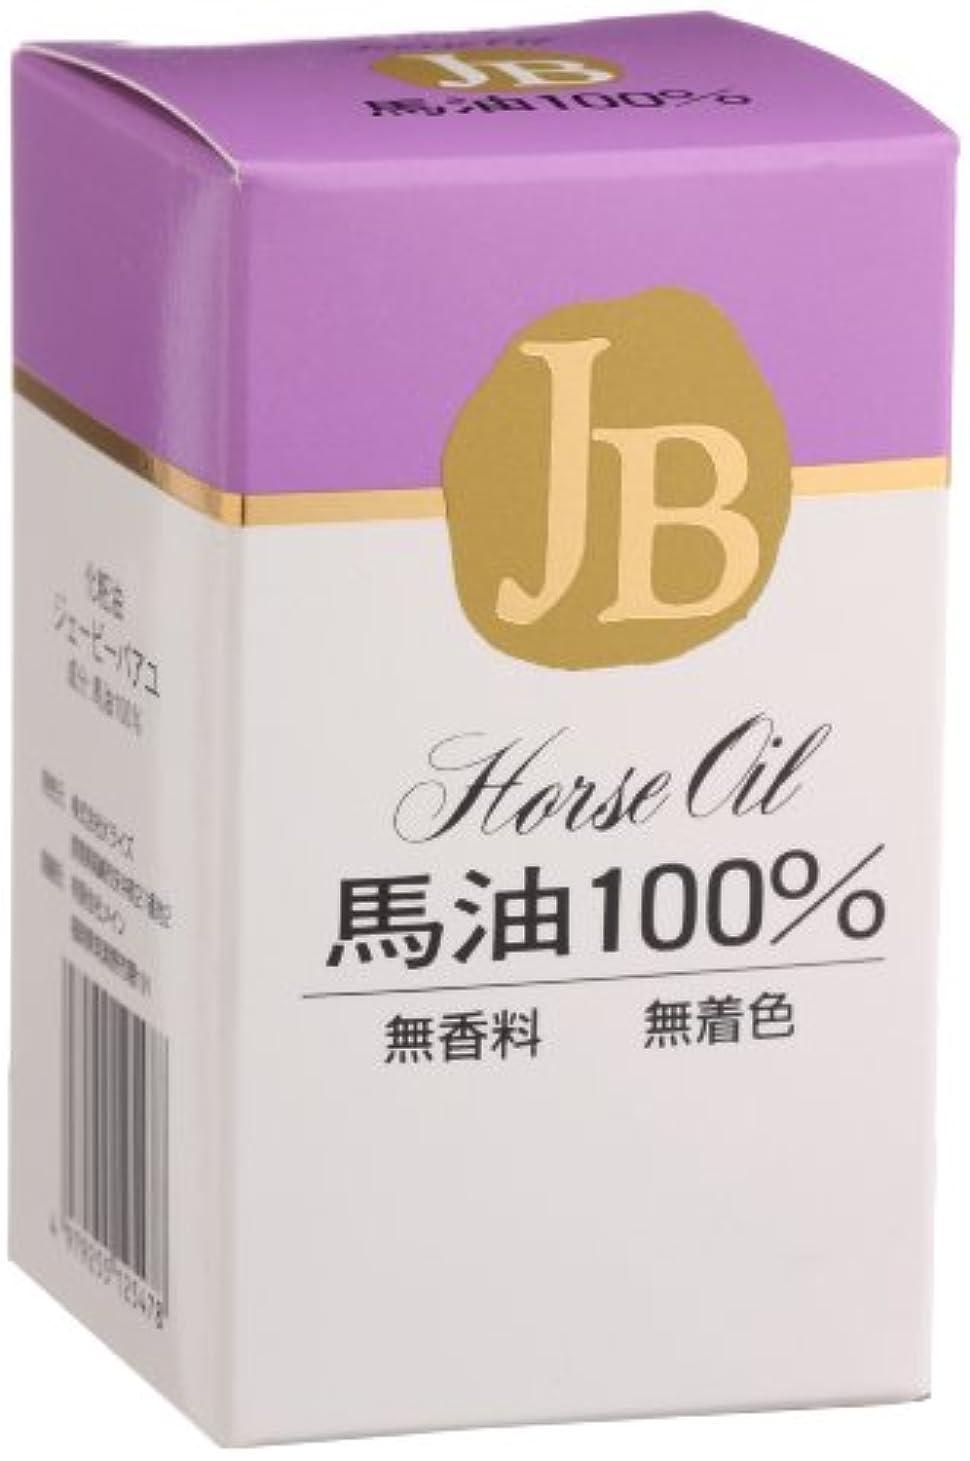 容量新しさ追放JB馬油 100% 70ml